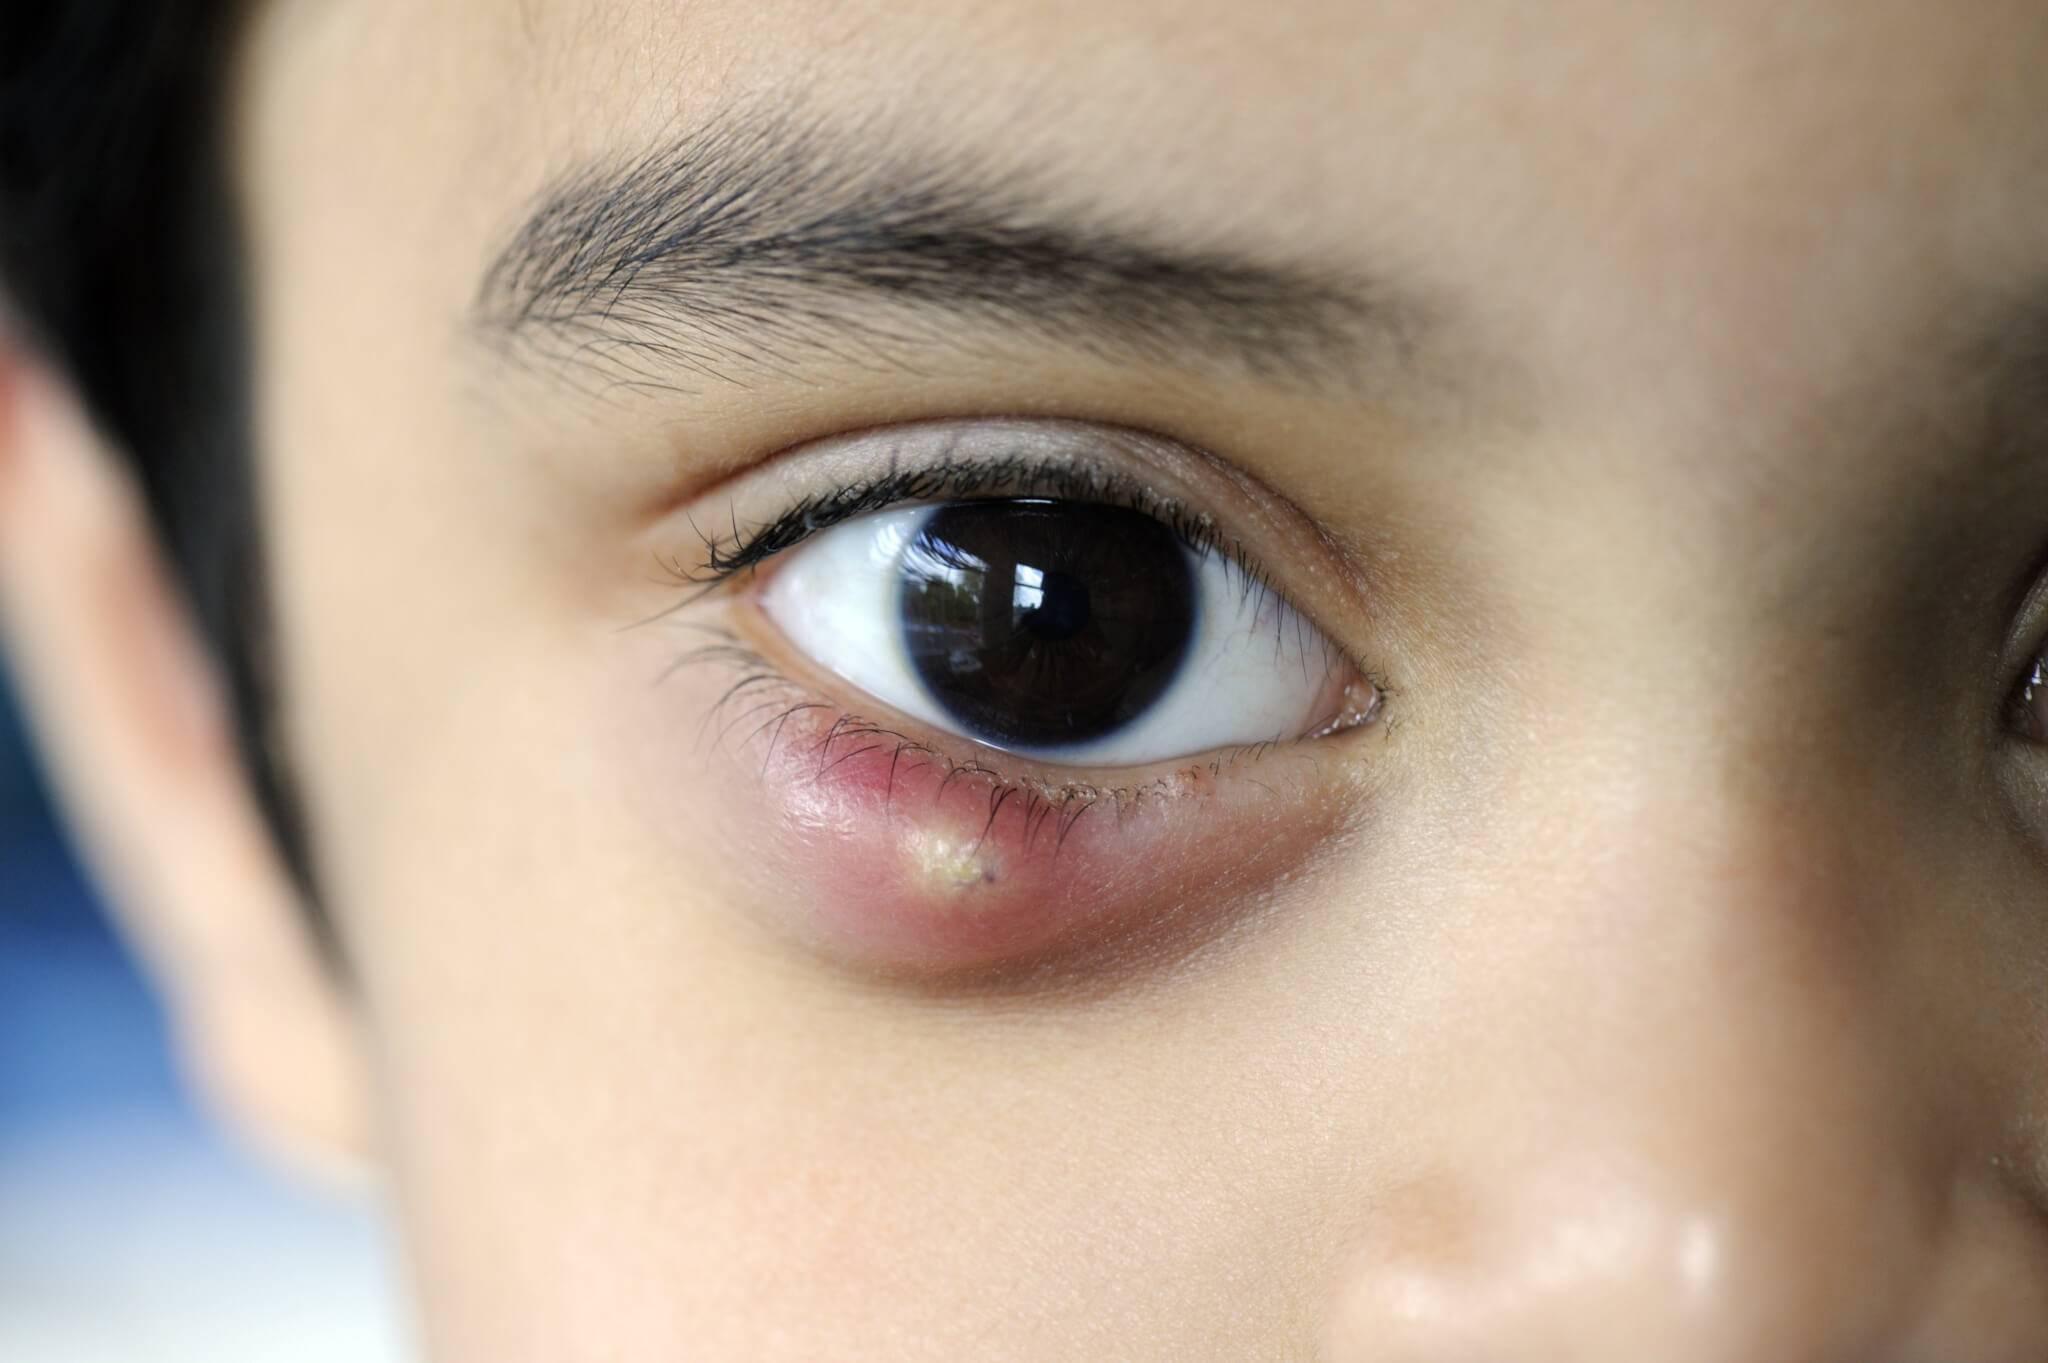 Внутренний ячмень на глазу: лечение, причины, симптомы (фото), как выглядит мейбомит, осложнения